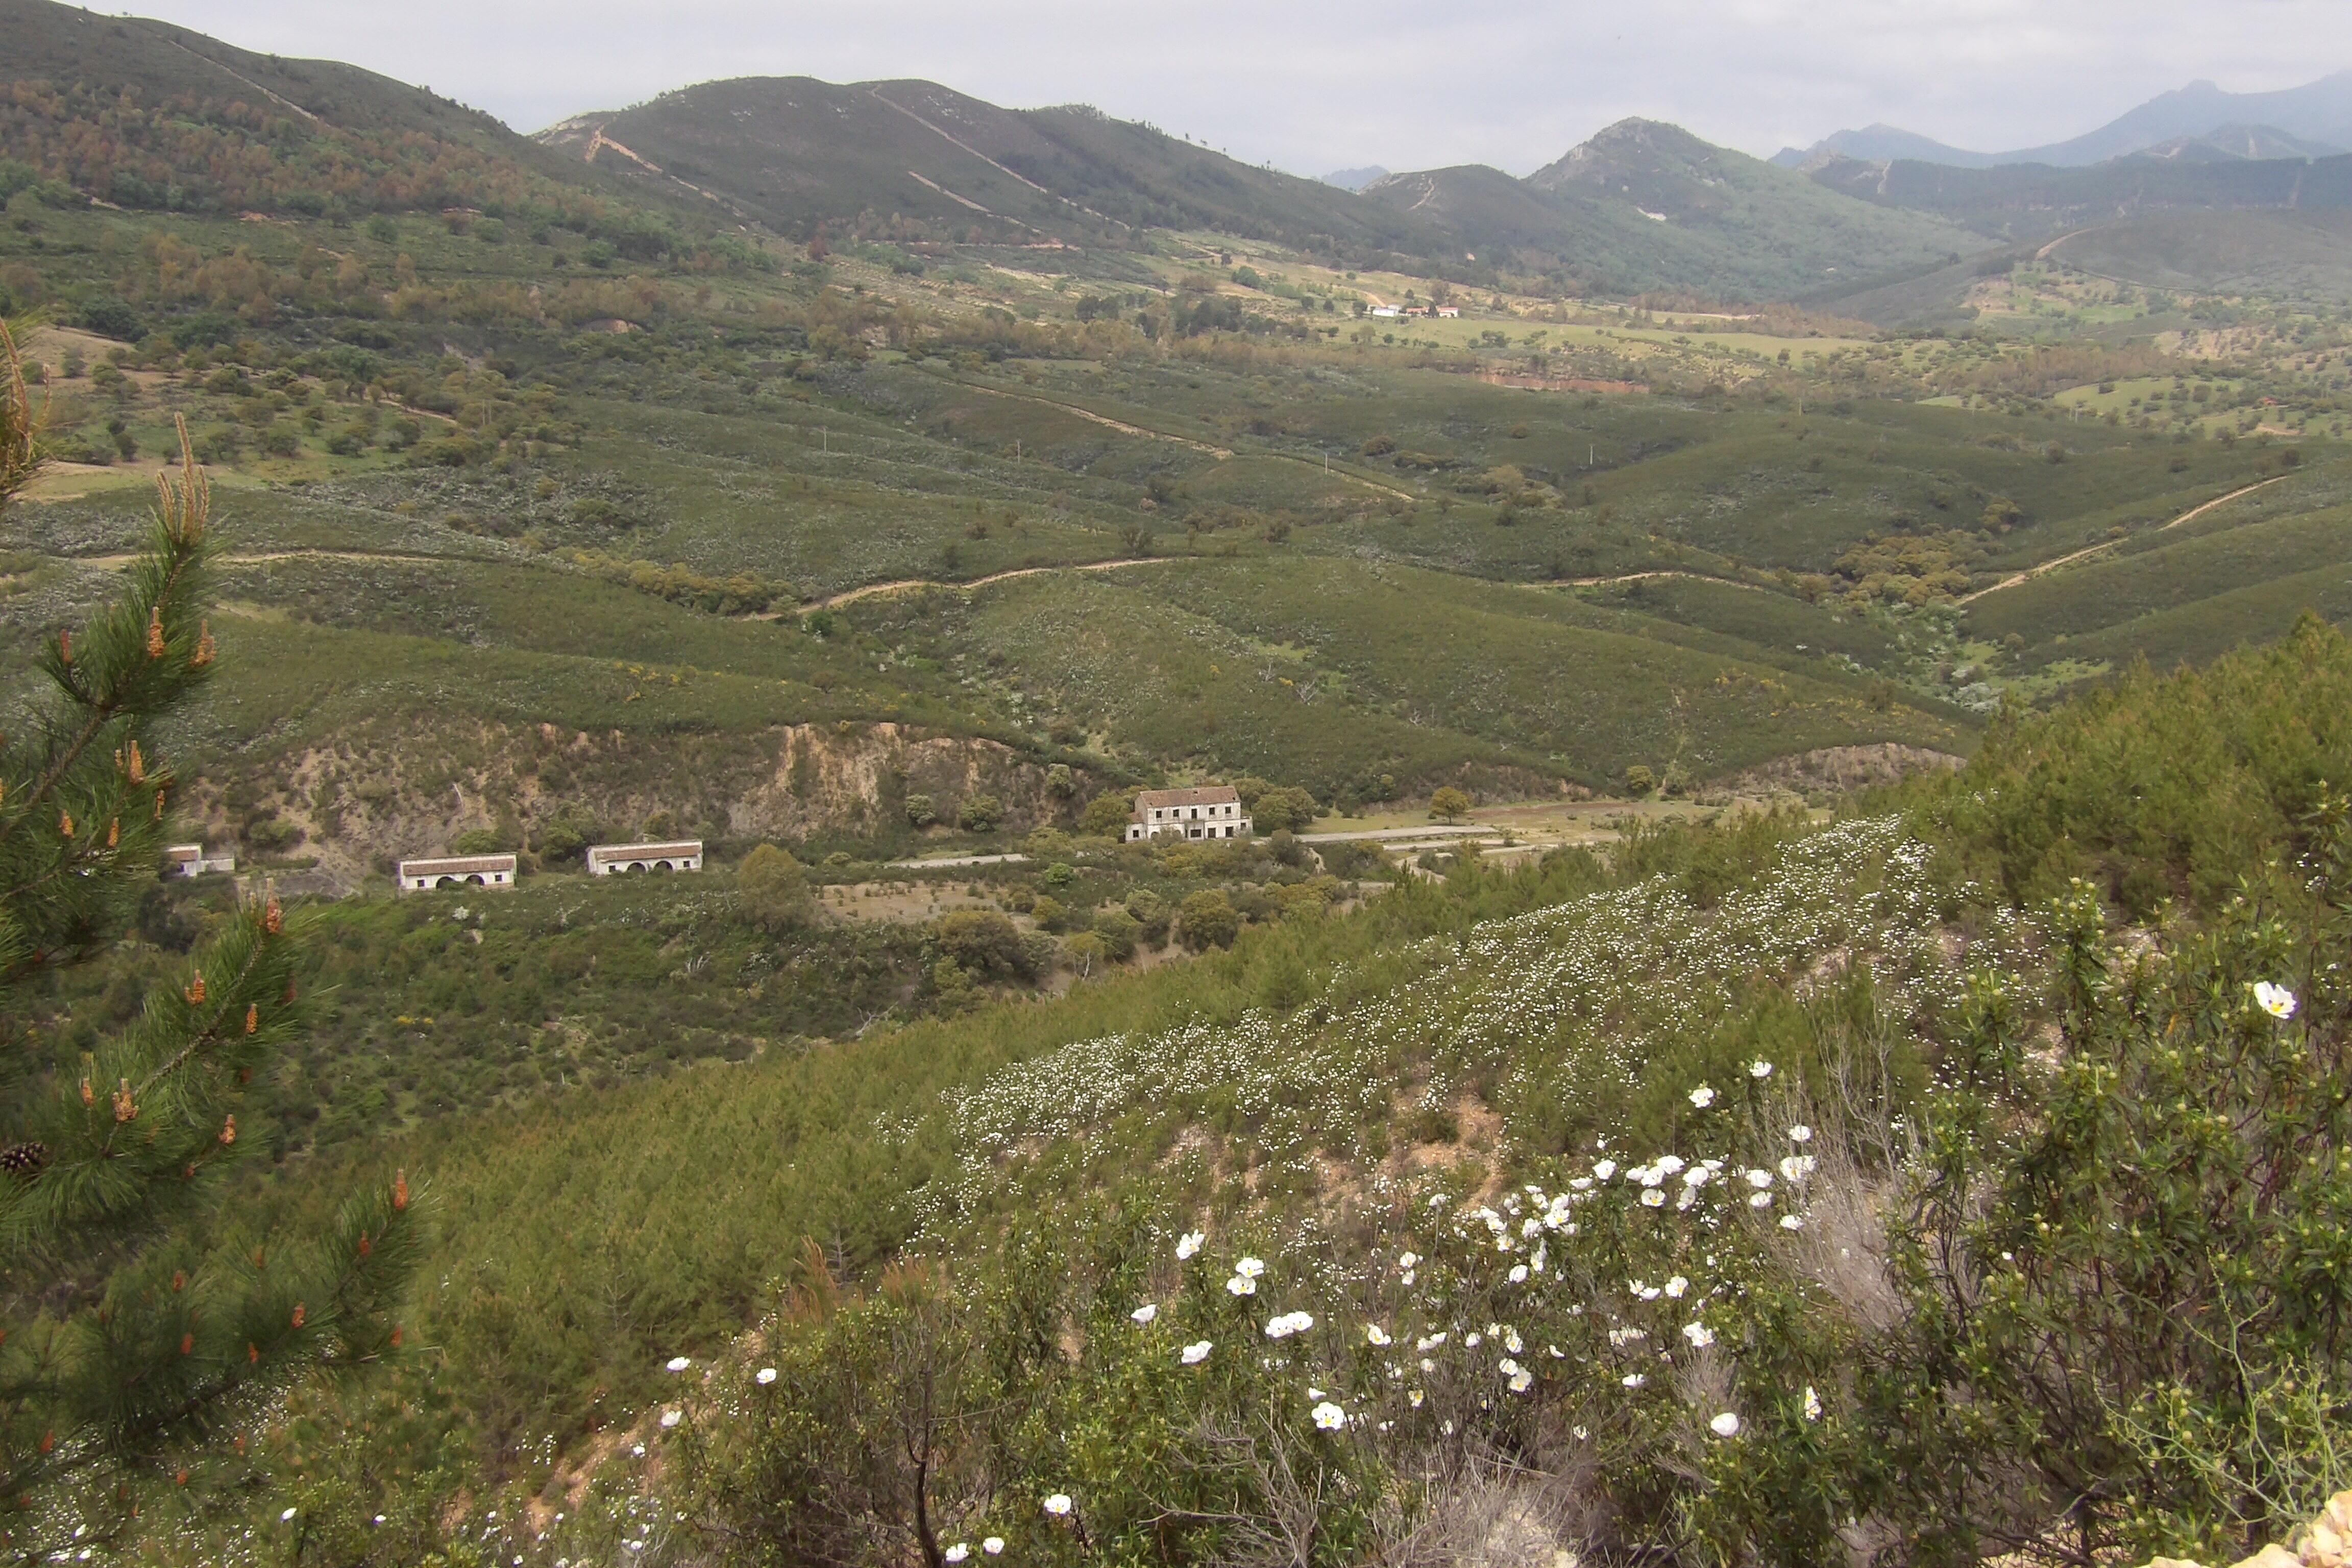 Estación de tren desmantelada en El Geoparque de Las Villuercas